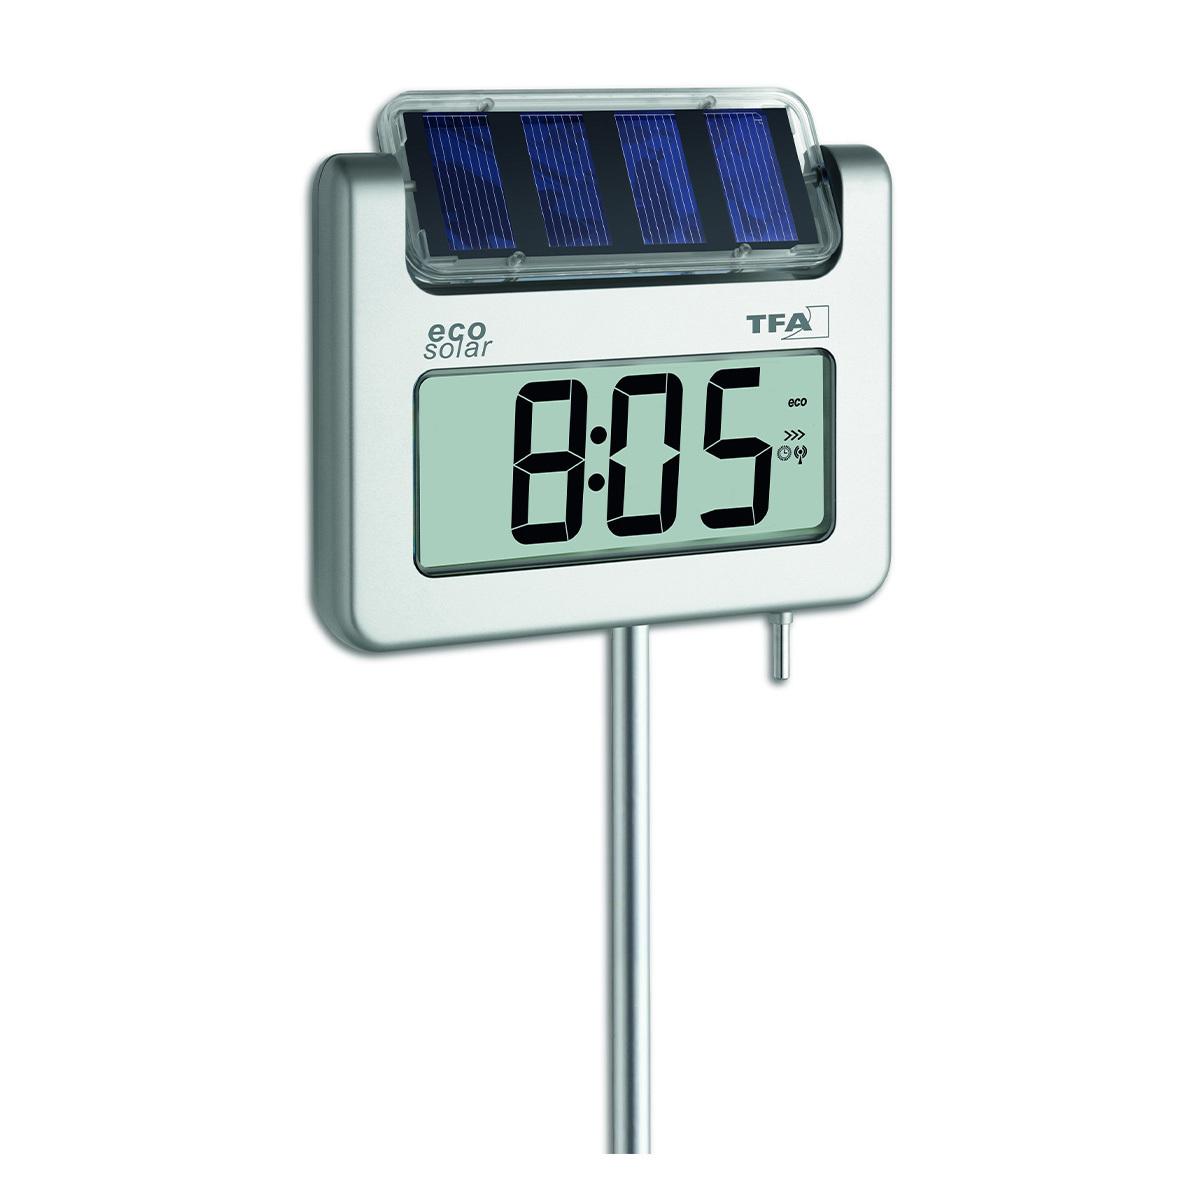 30-2030-54-digitales-gartenthermometer-mit-solarbeleuchtung-und-funkuhr-avenue-plus-1200x1200px.jpg